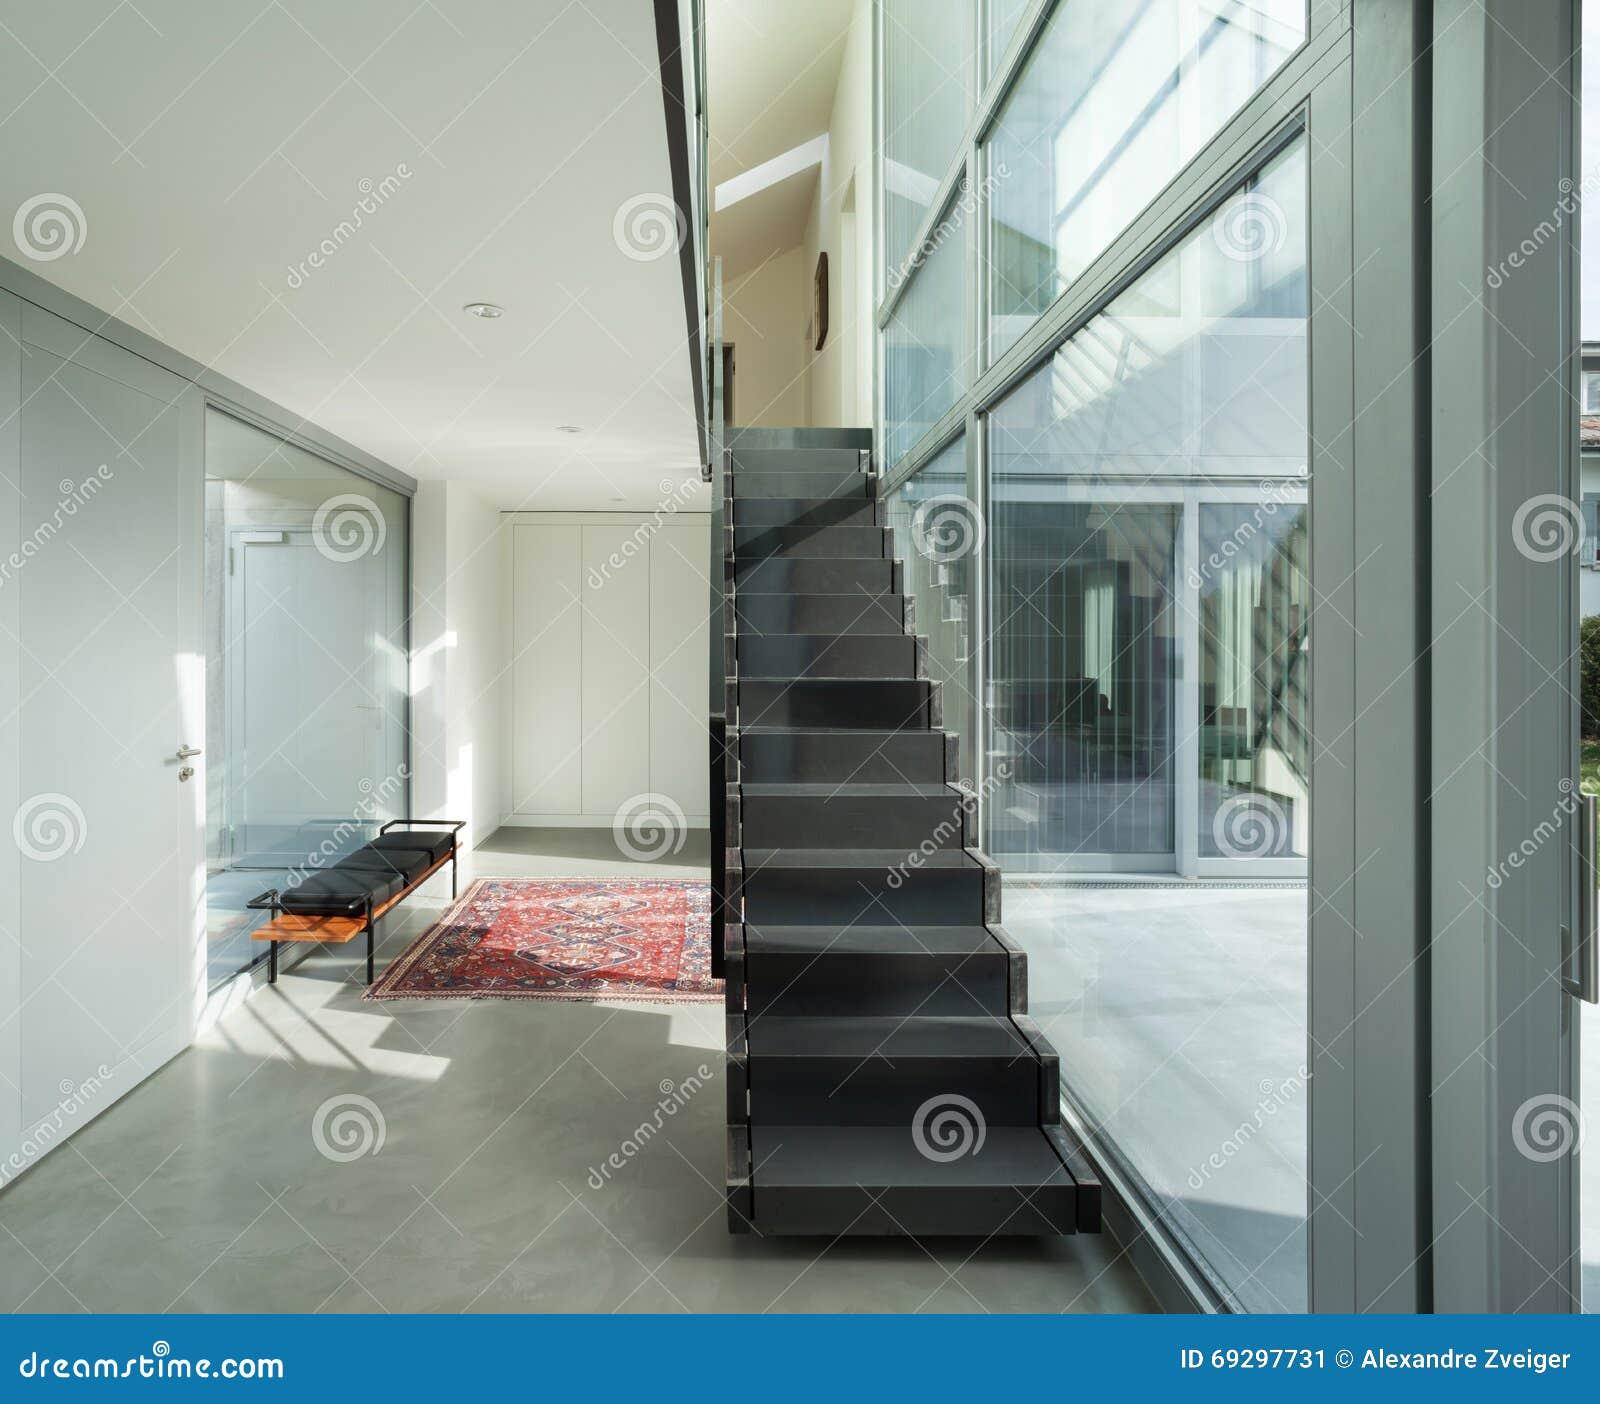 Escalier Interieur Maison Moderne intérieur, escalier de fer d'une maison moderne image stock